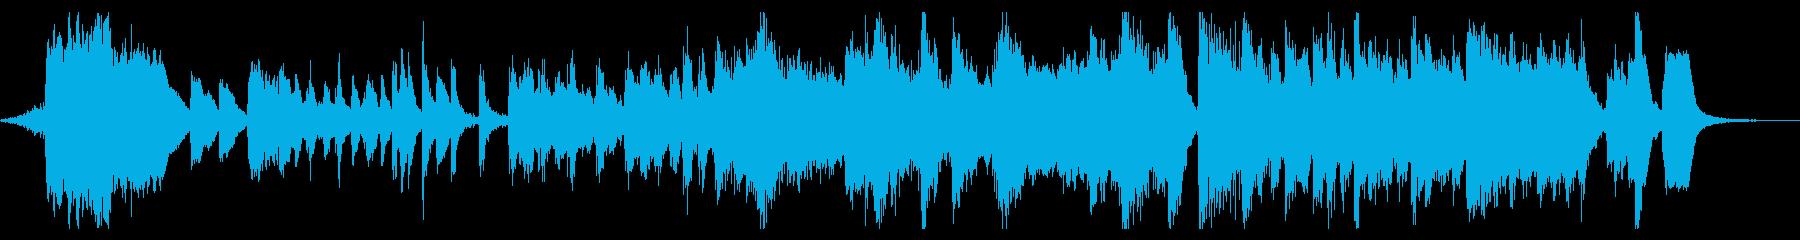 海外アニメのオープニング風の再生済みの波形